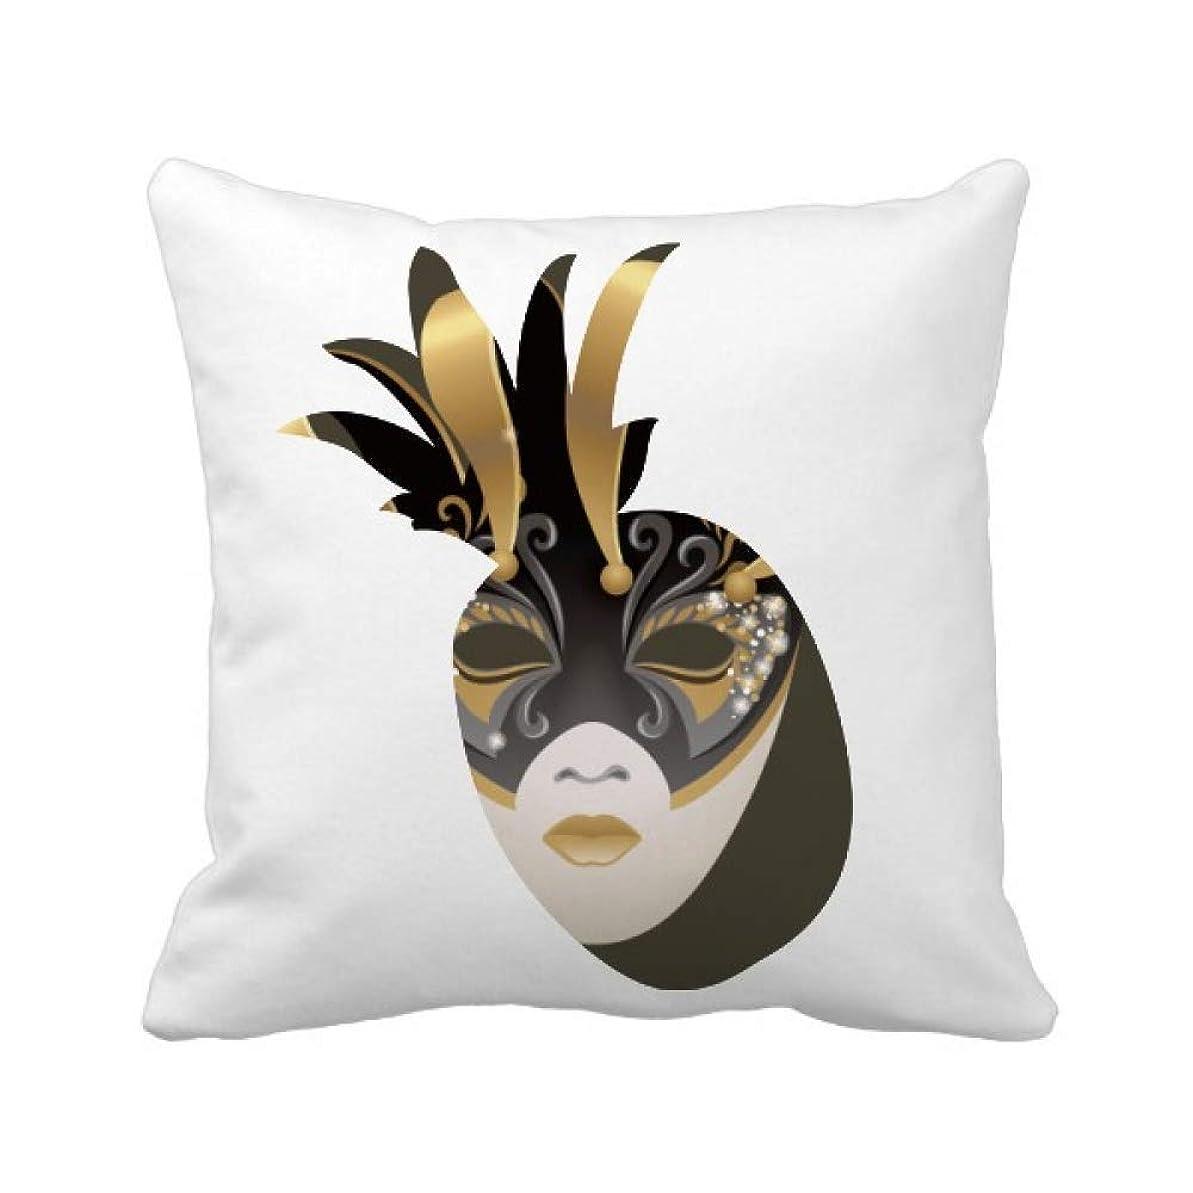 瞳ありふれた限定ベニスの黄金のマスクハッピーカーニバル パイナップル枕カバー正方形を投げる 50cm x 50cm